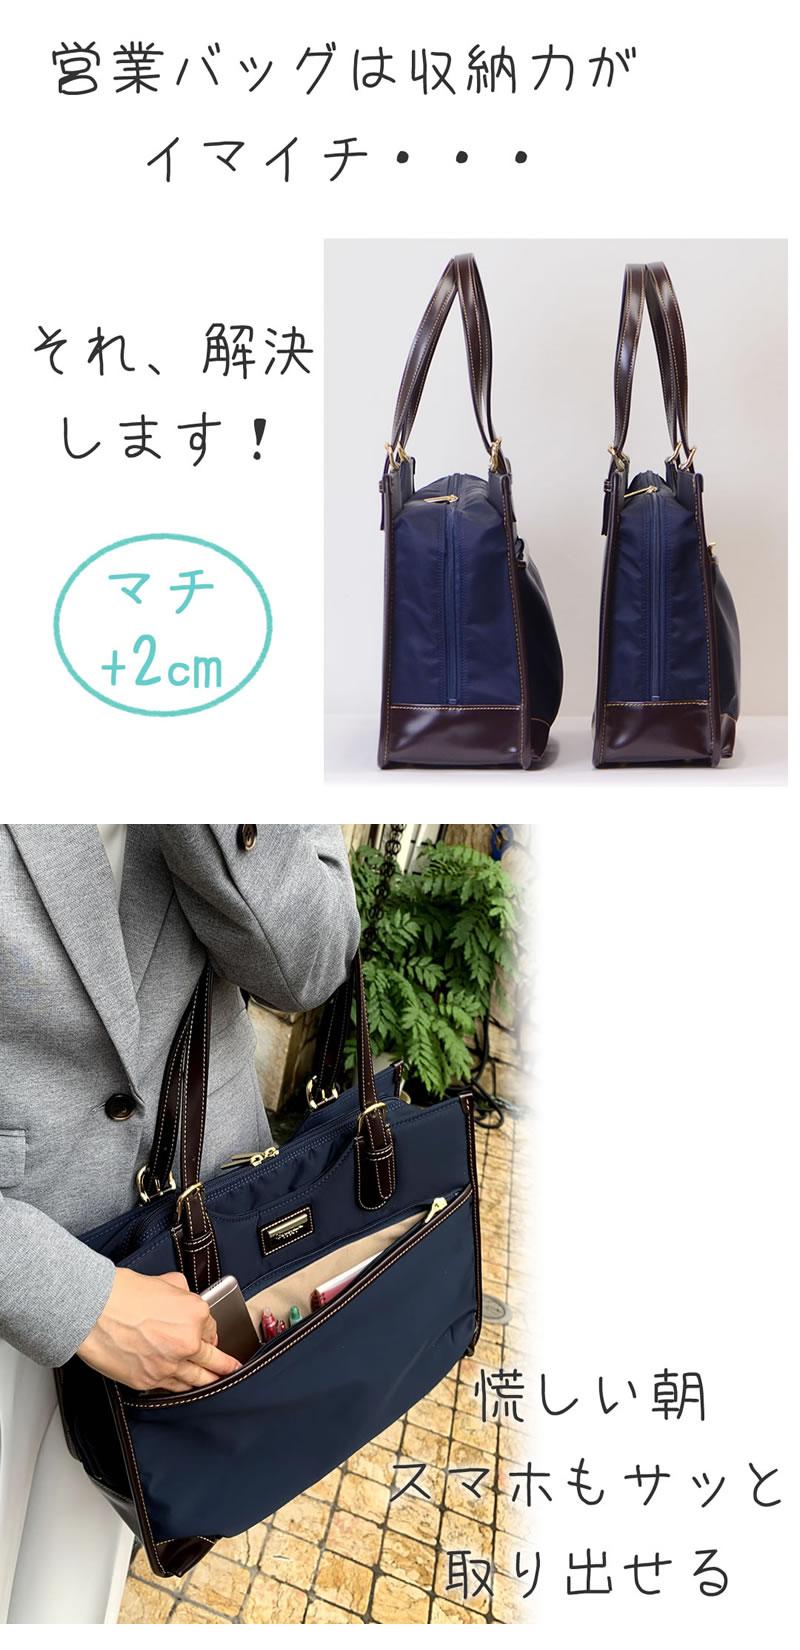 目々澤鞄 9月13日再入荷 1512532 黒